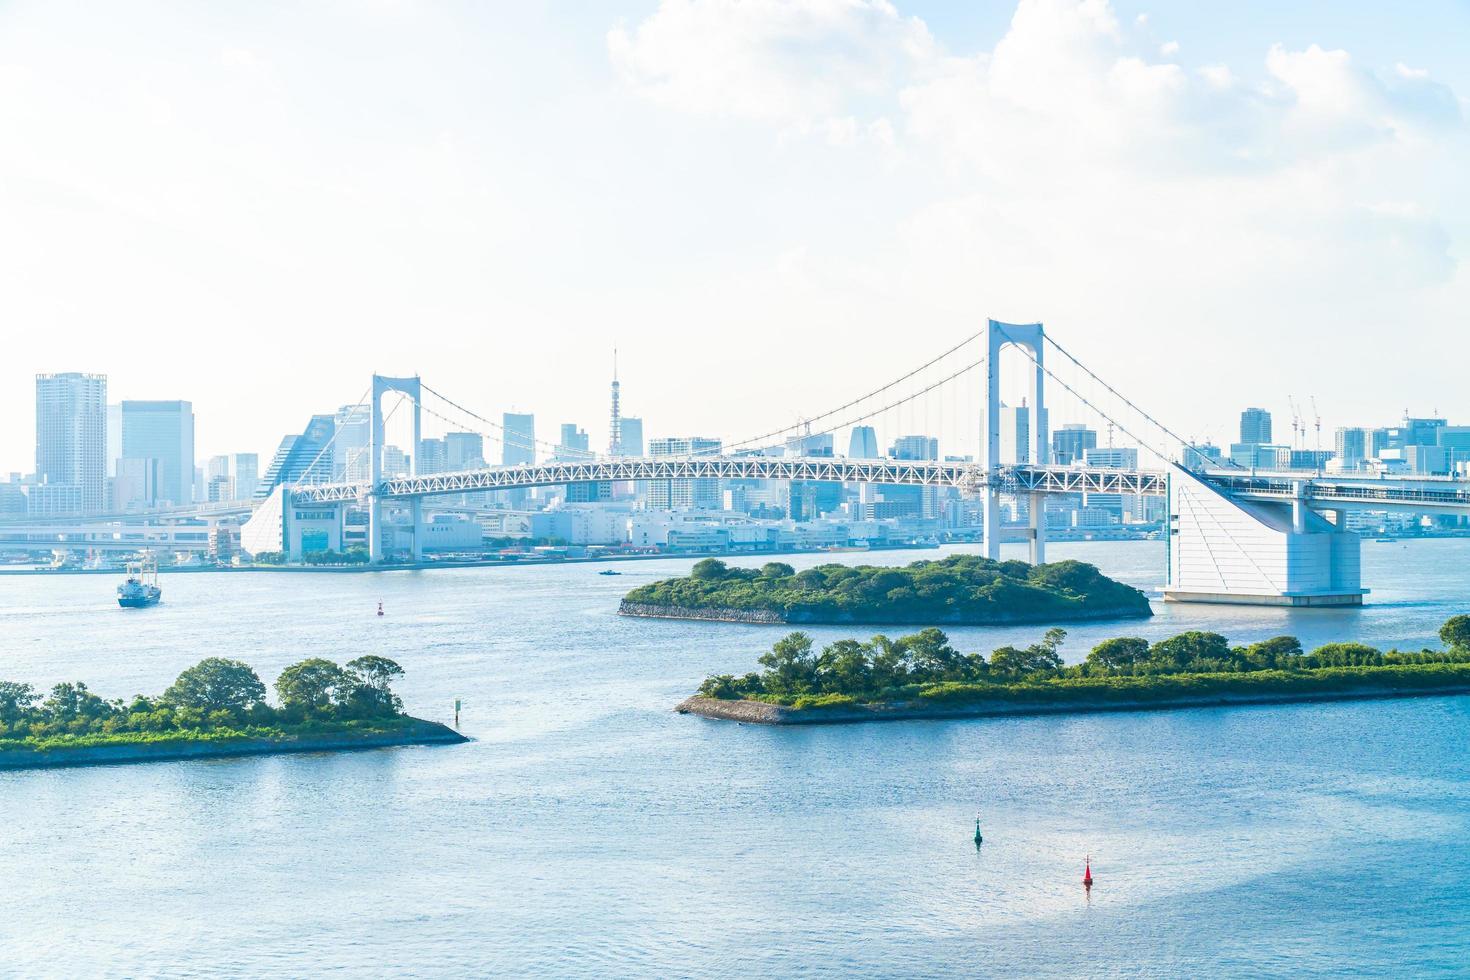 paysage urbain de la ville de tokyo avec le pont arc-en-ciel photo